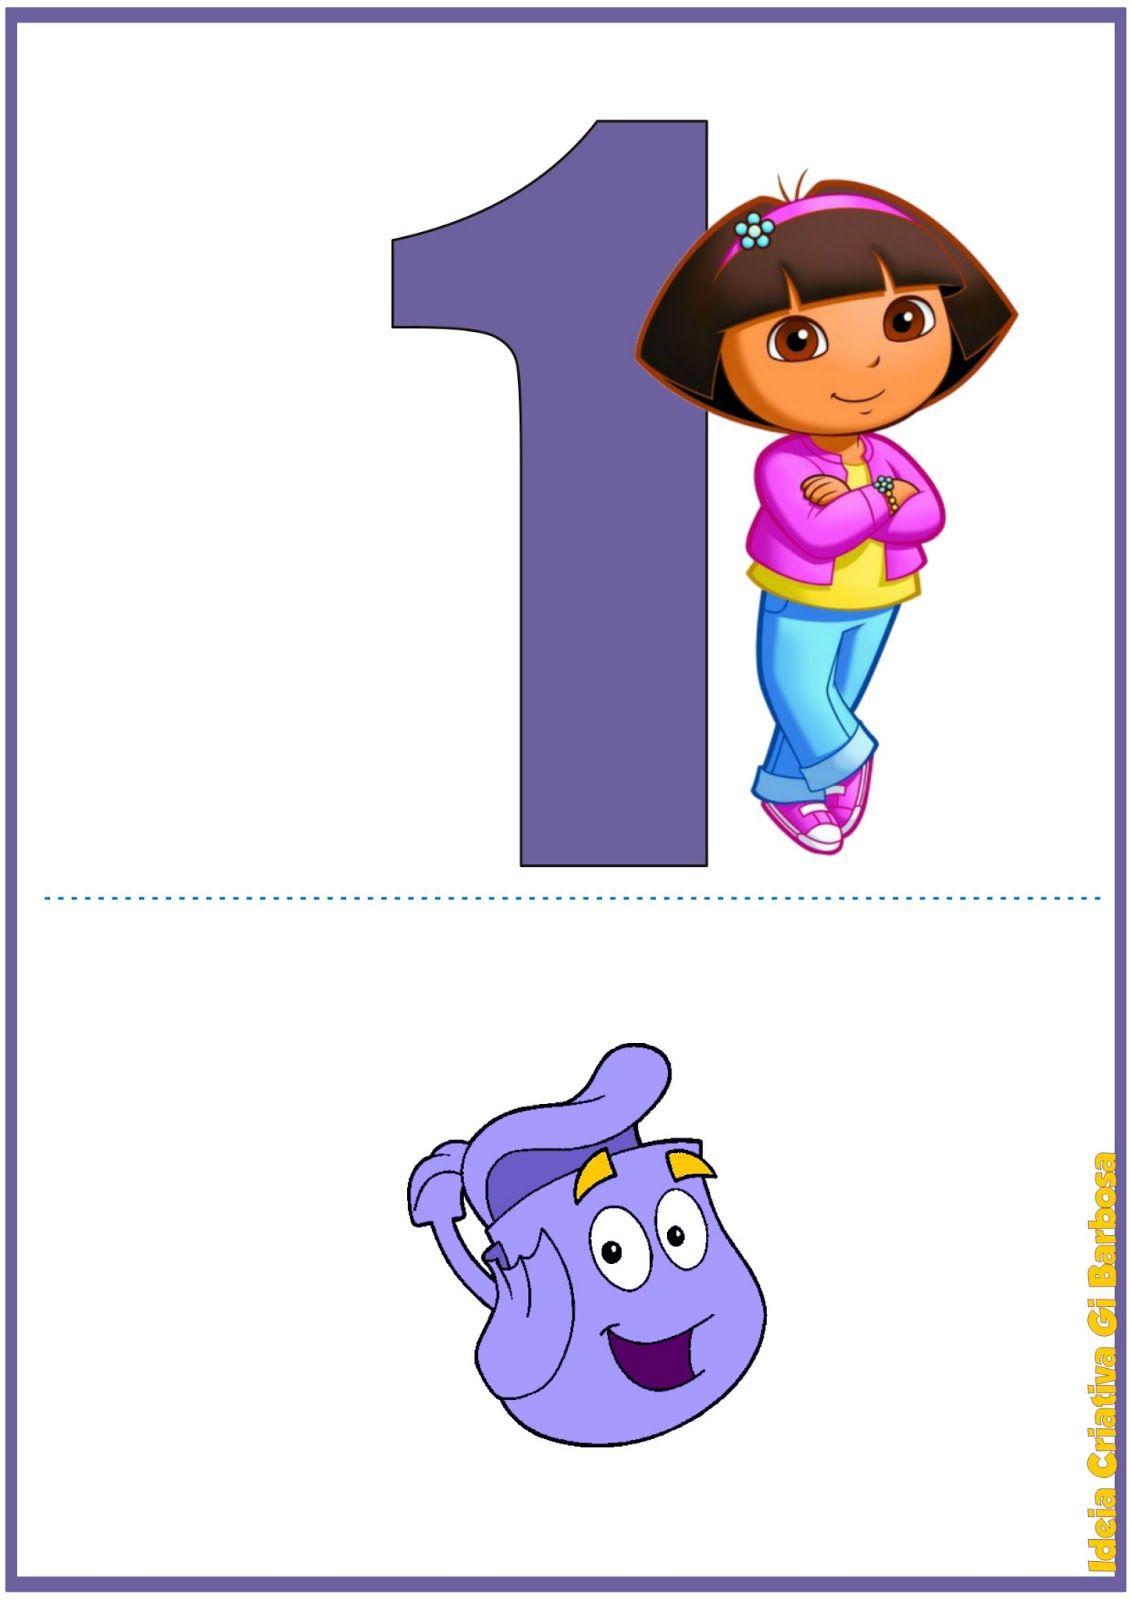 Numerais De Parede Dora Aventureira 1 Jpg 1131 1600 Dora And Friends Dora The Explorer Preschool Diploma [ 1600 x 1131 Pixel ]